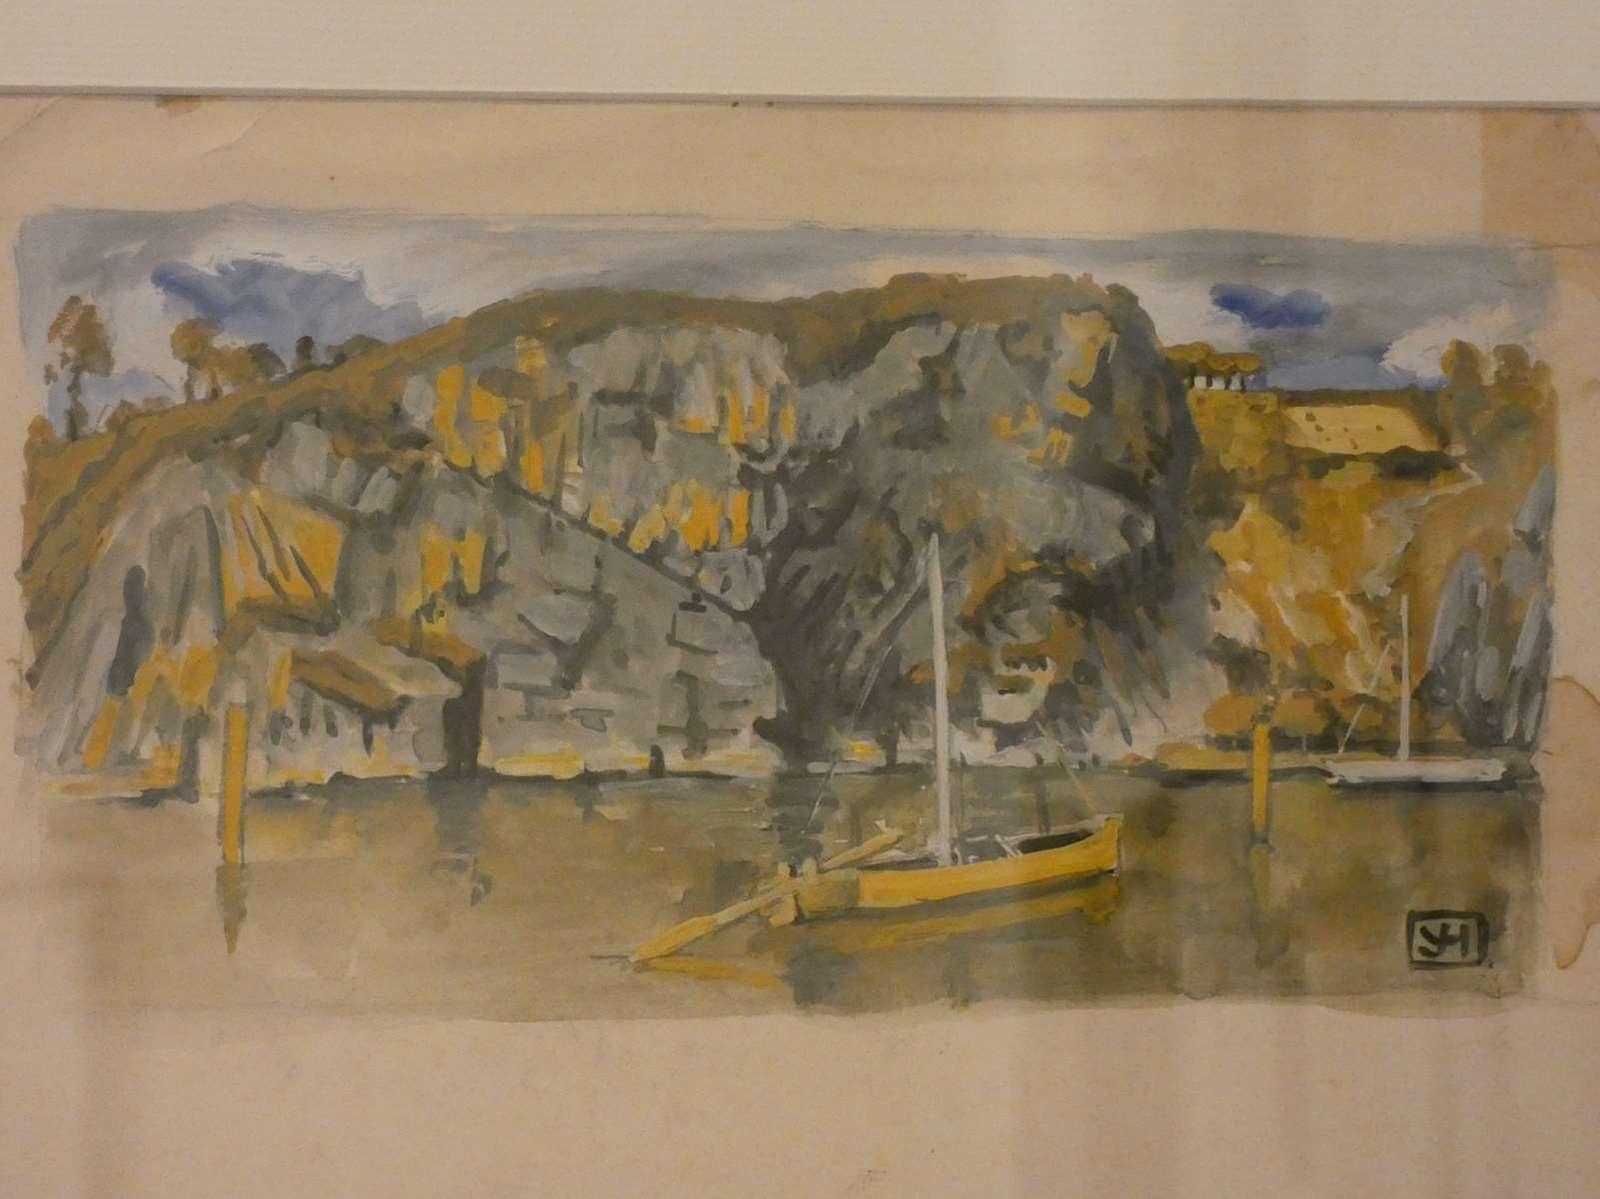 Les rochers sur l'estuaire - projet de tête de chapitre - Yvonne Jean-Haffen